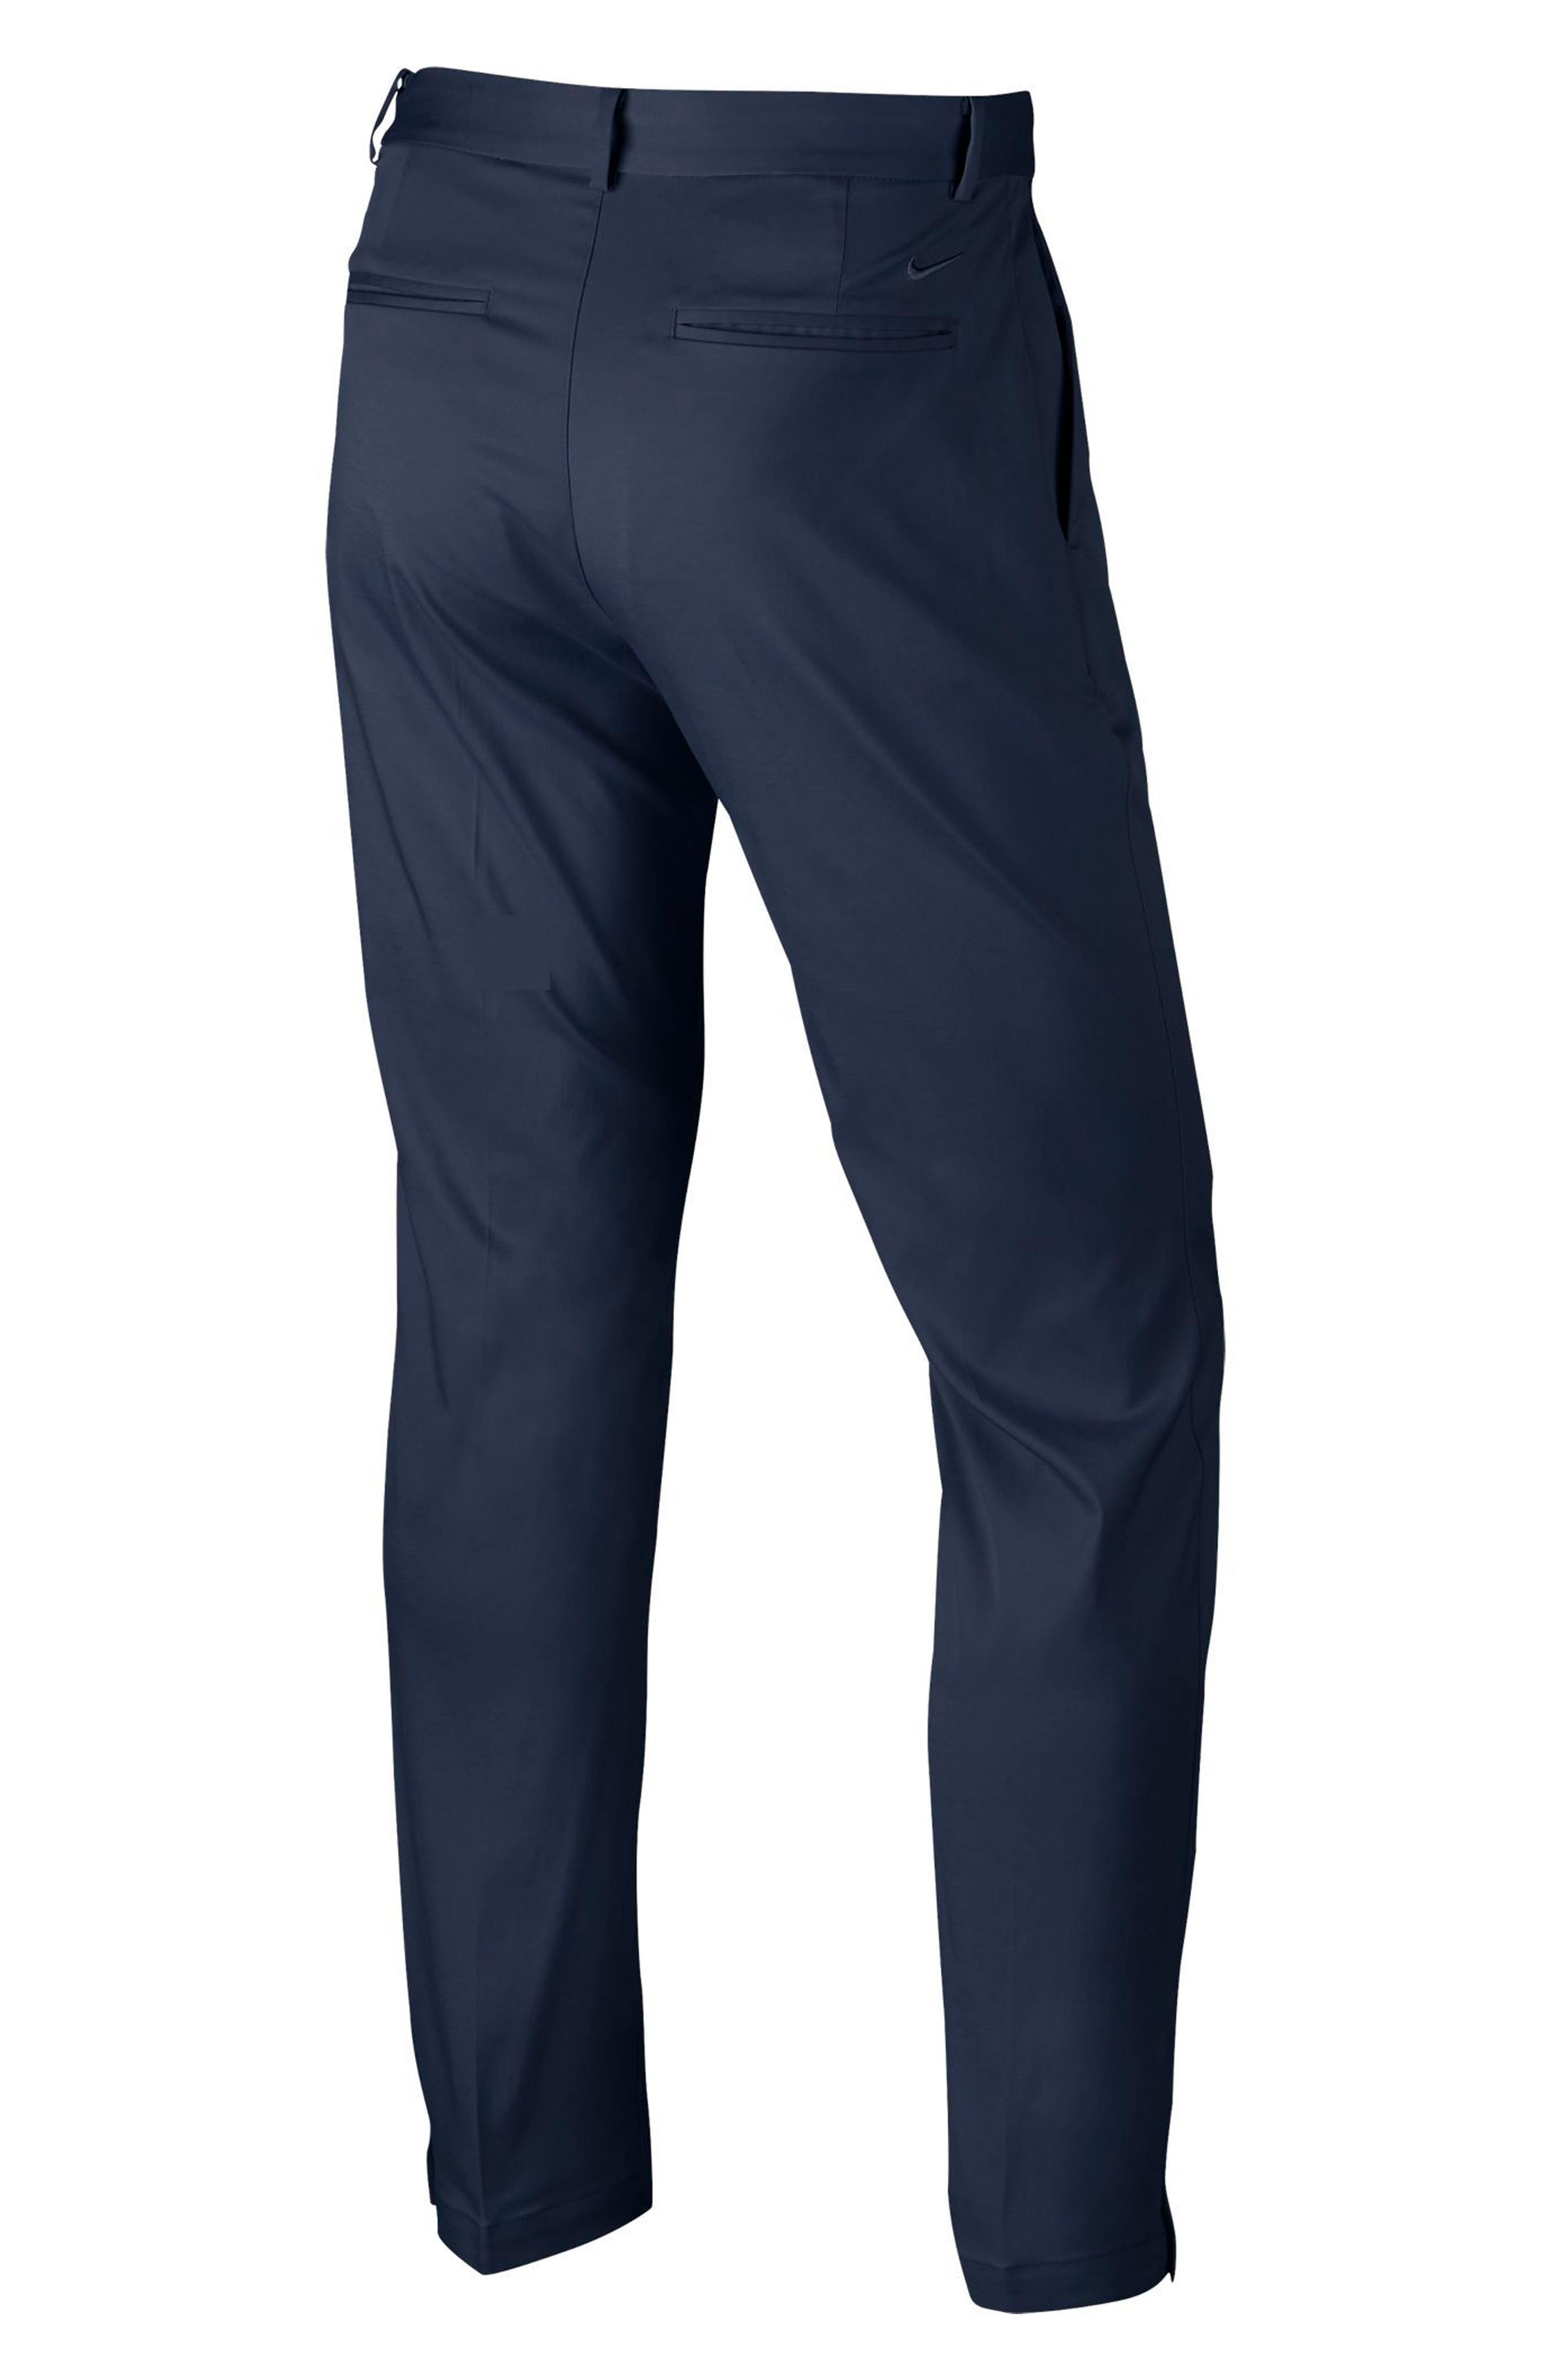 Flat Front Dri-FIT Tech Golf Pants,                             Alternate thumbnail 53, color,